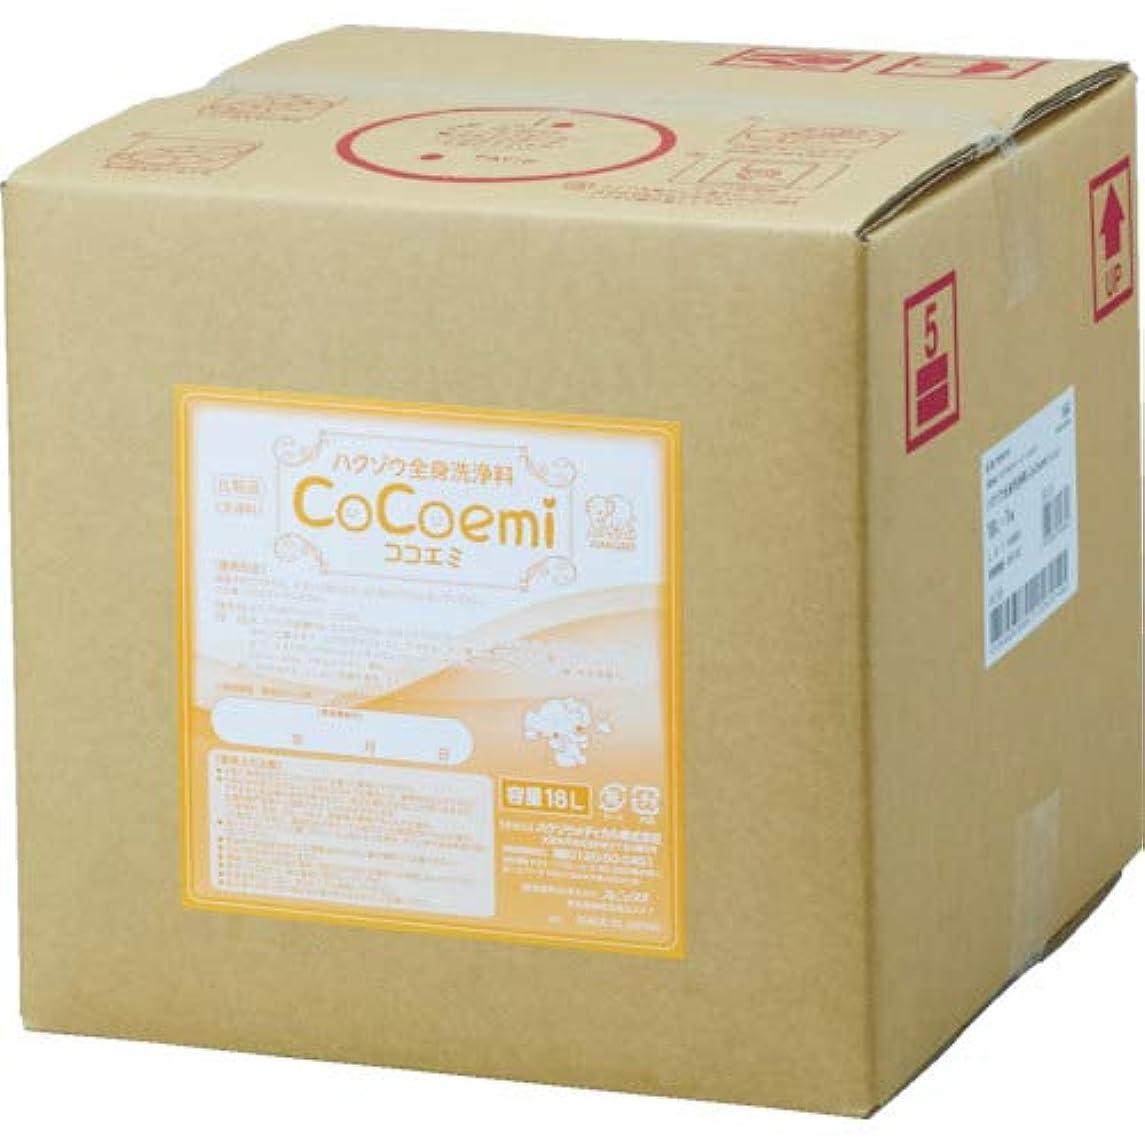 ツール彼は強いハクゾウメディカル ハクゾウ全身洗浄料CoCoemi(ココエミ) 18L 3009018